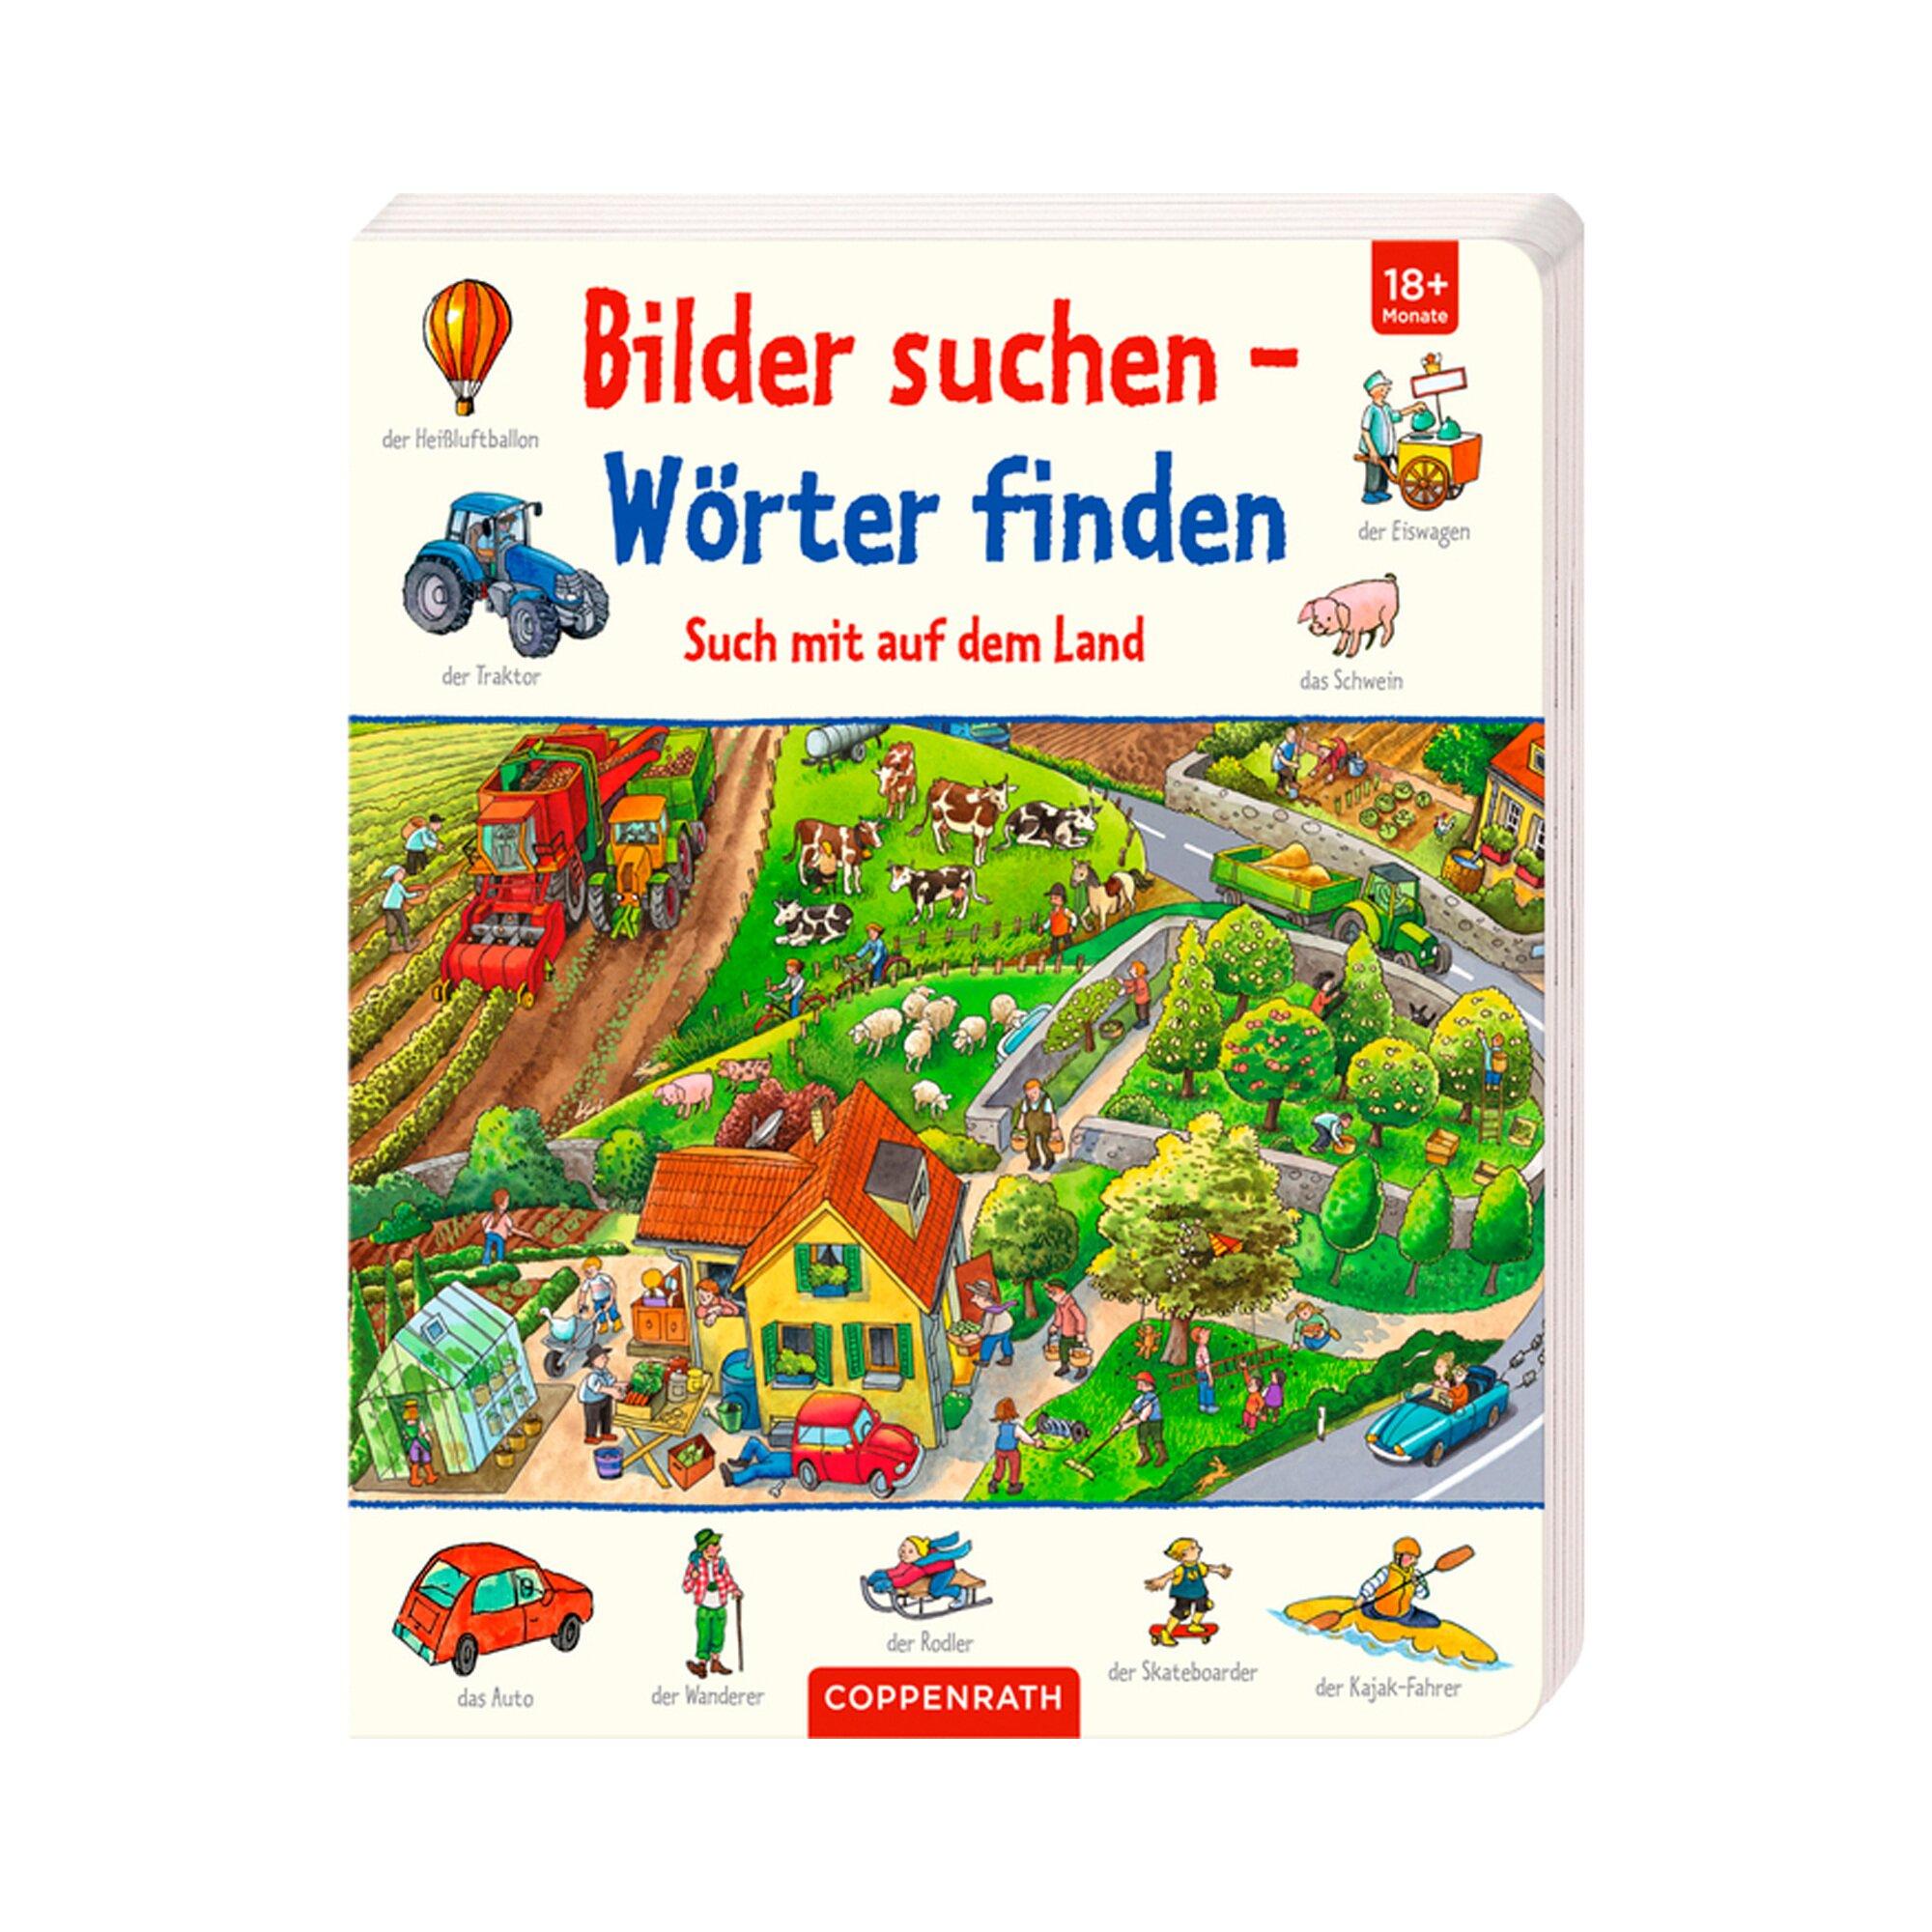 Coppenrath Die Spiegelburg Pappbilderbuch Bilder suchen - Wörter finden Such mit auf dem Land